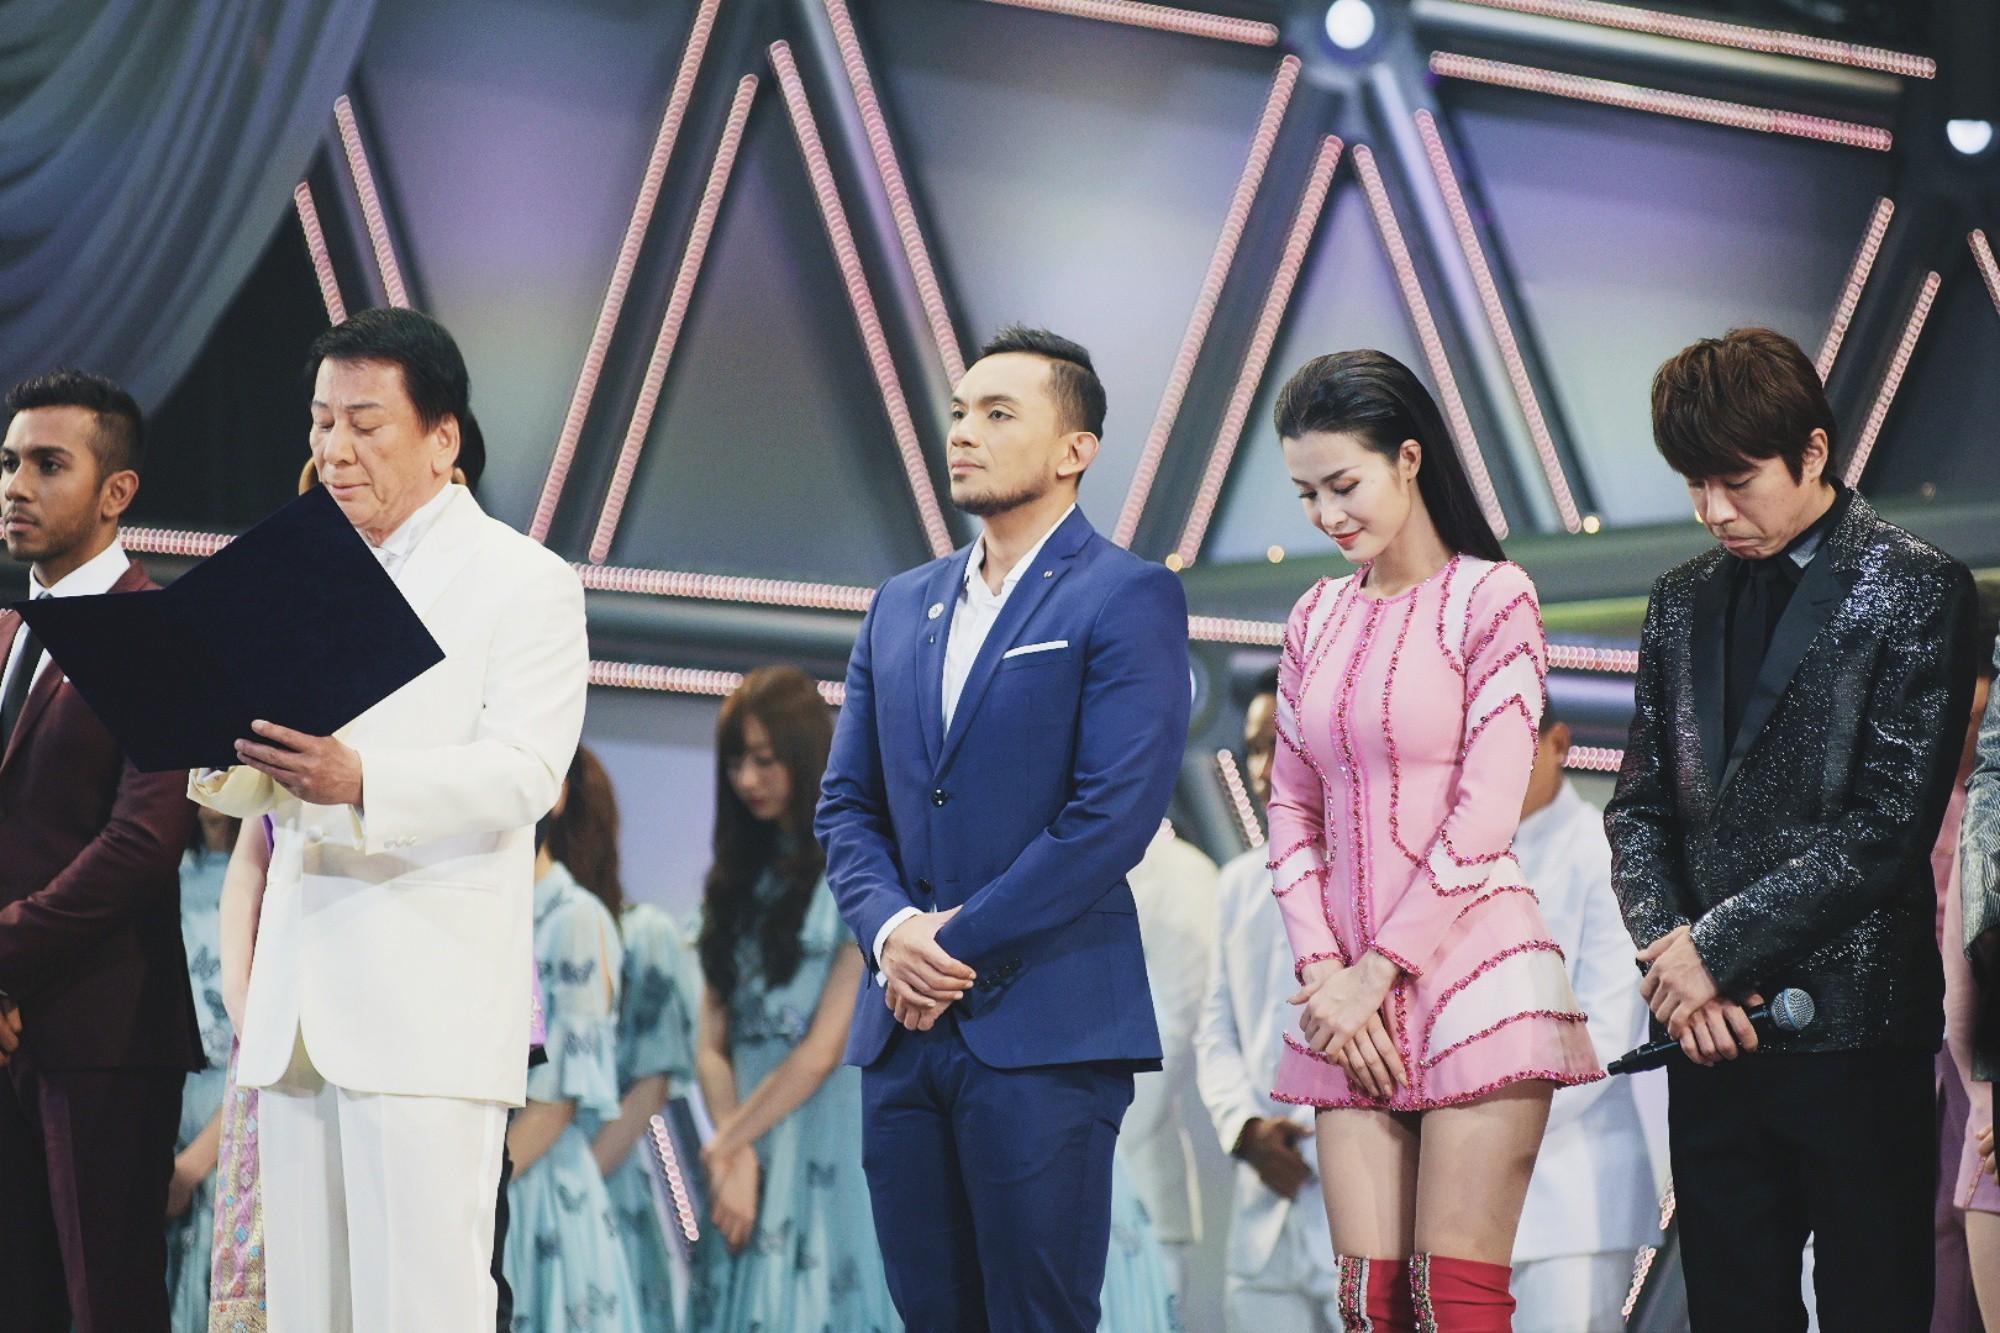 """Clip đang hot: Đông Nhi """"bắn"""" tiếng Nhật lưu loát đến ngỡ ngàng trên sân khấu Nhật Bản khiến fan Việt nức lòng - Ảnh 5."""